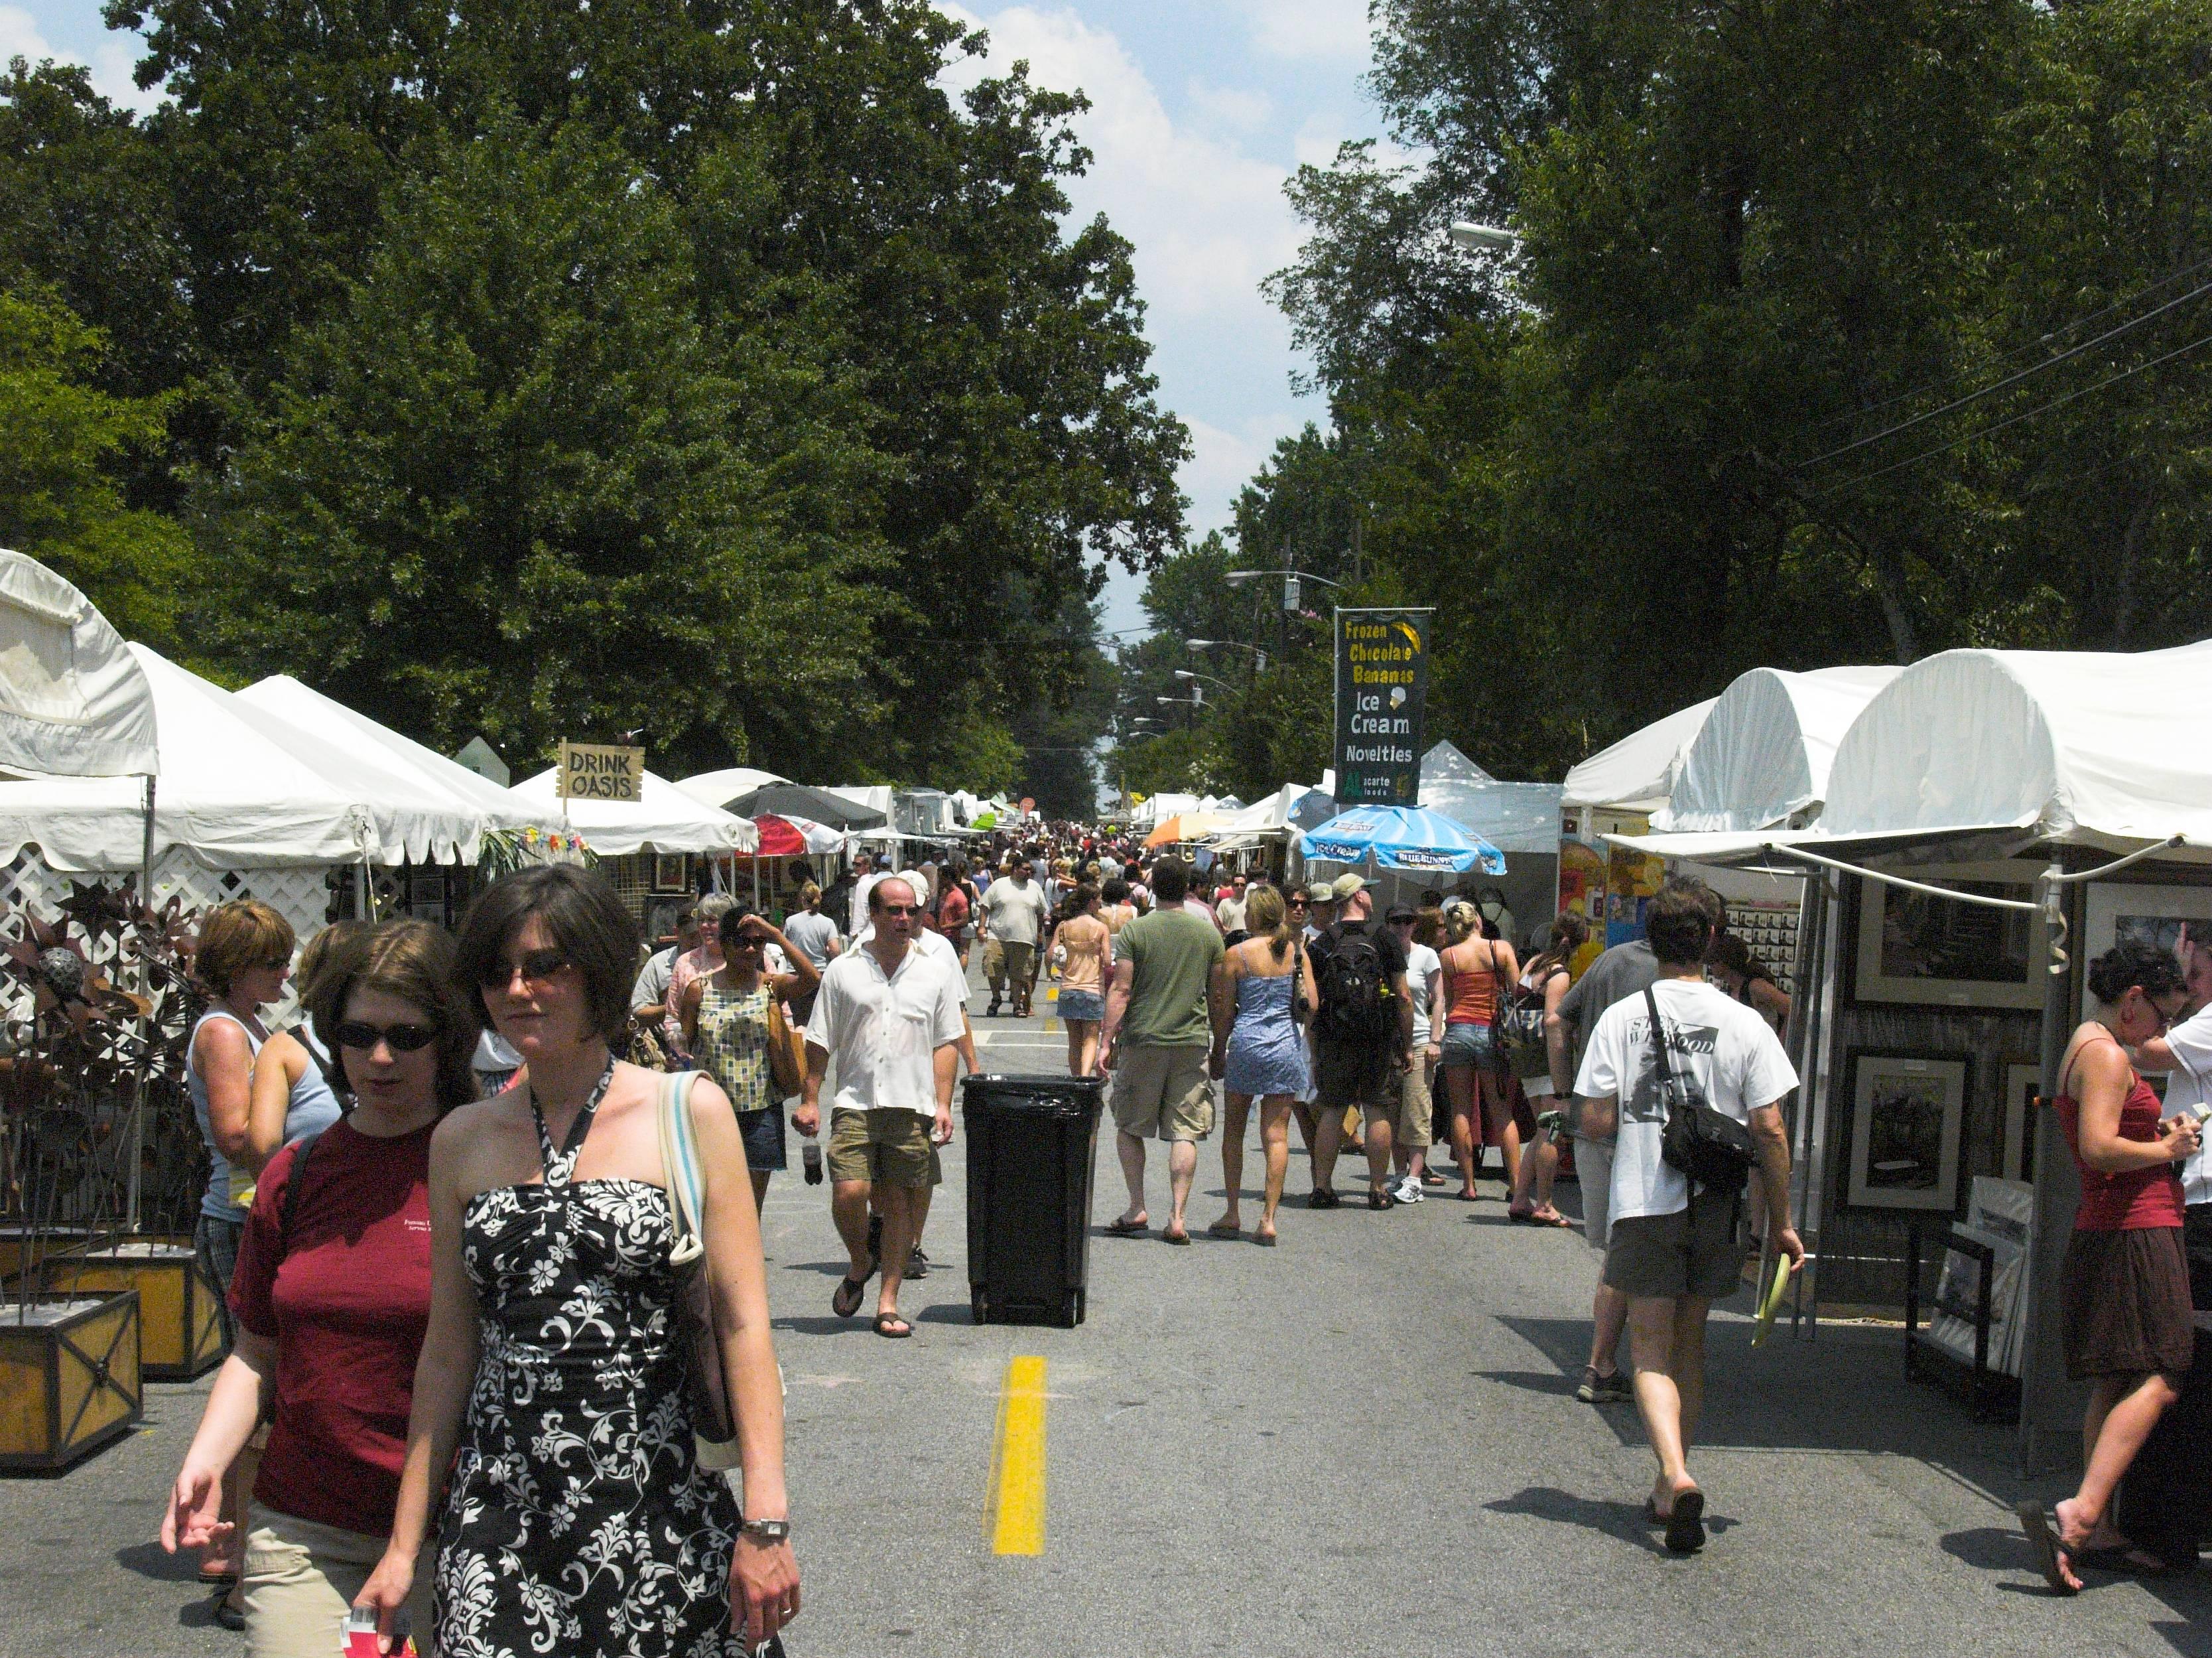 People in Virginia Bazaar